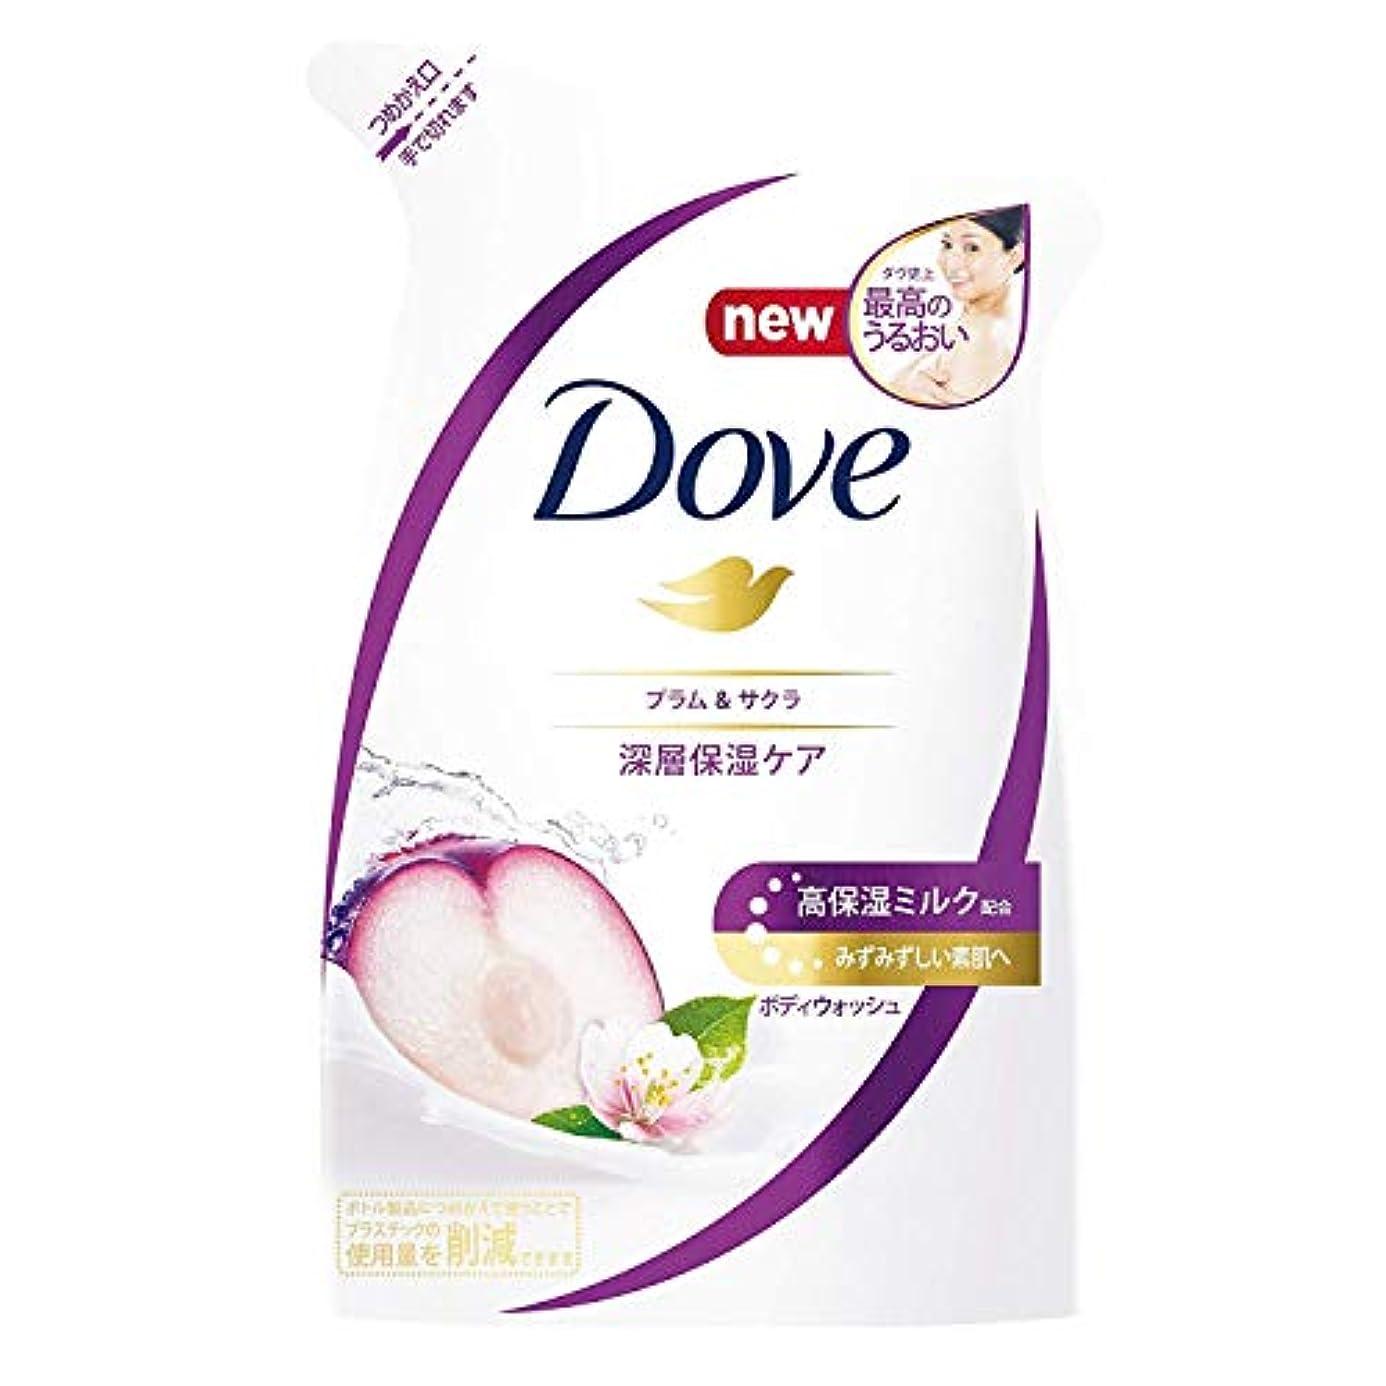 宣言するレルムワイド【2個セット】Dove ダヴ ボディウォッシュ プラム & サクラ つめかえ用 360g